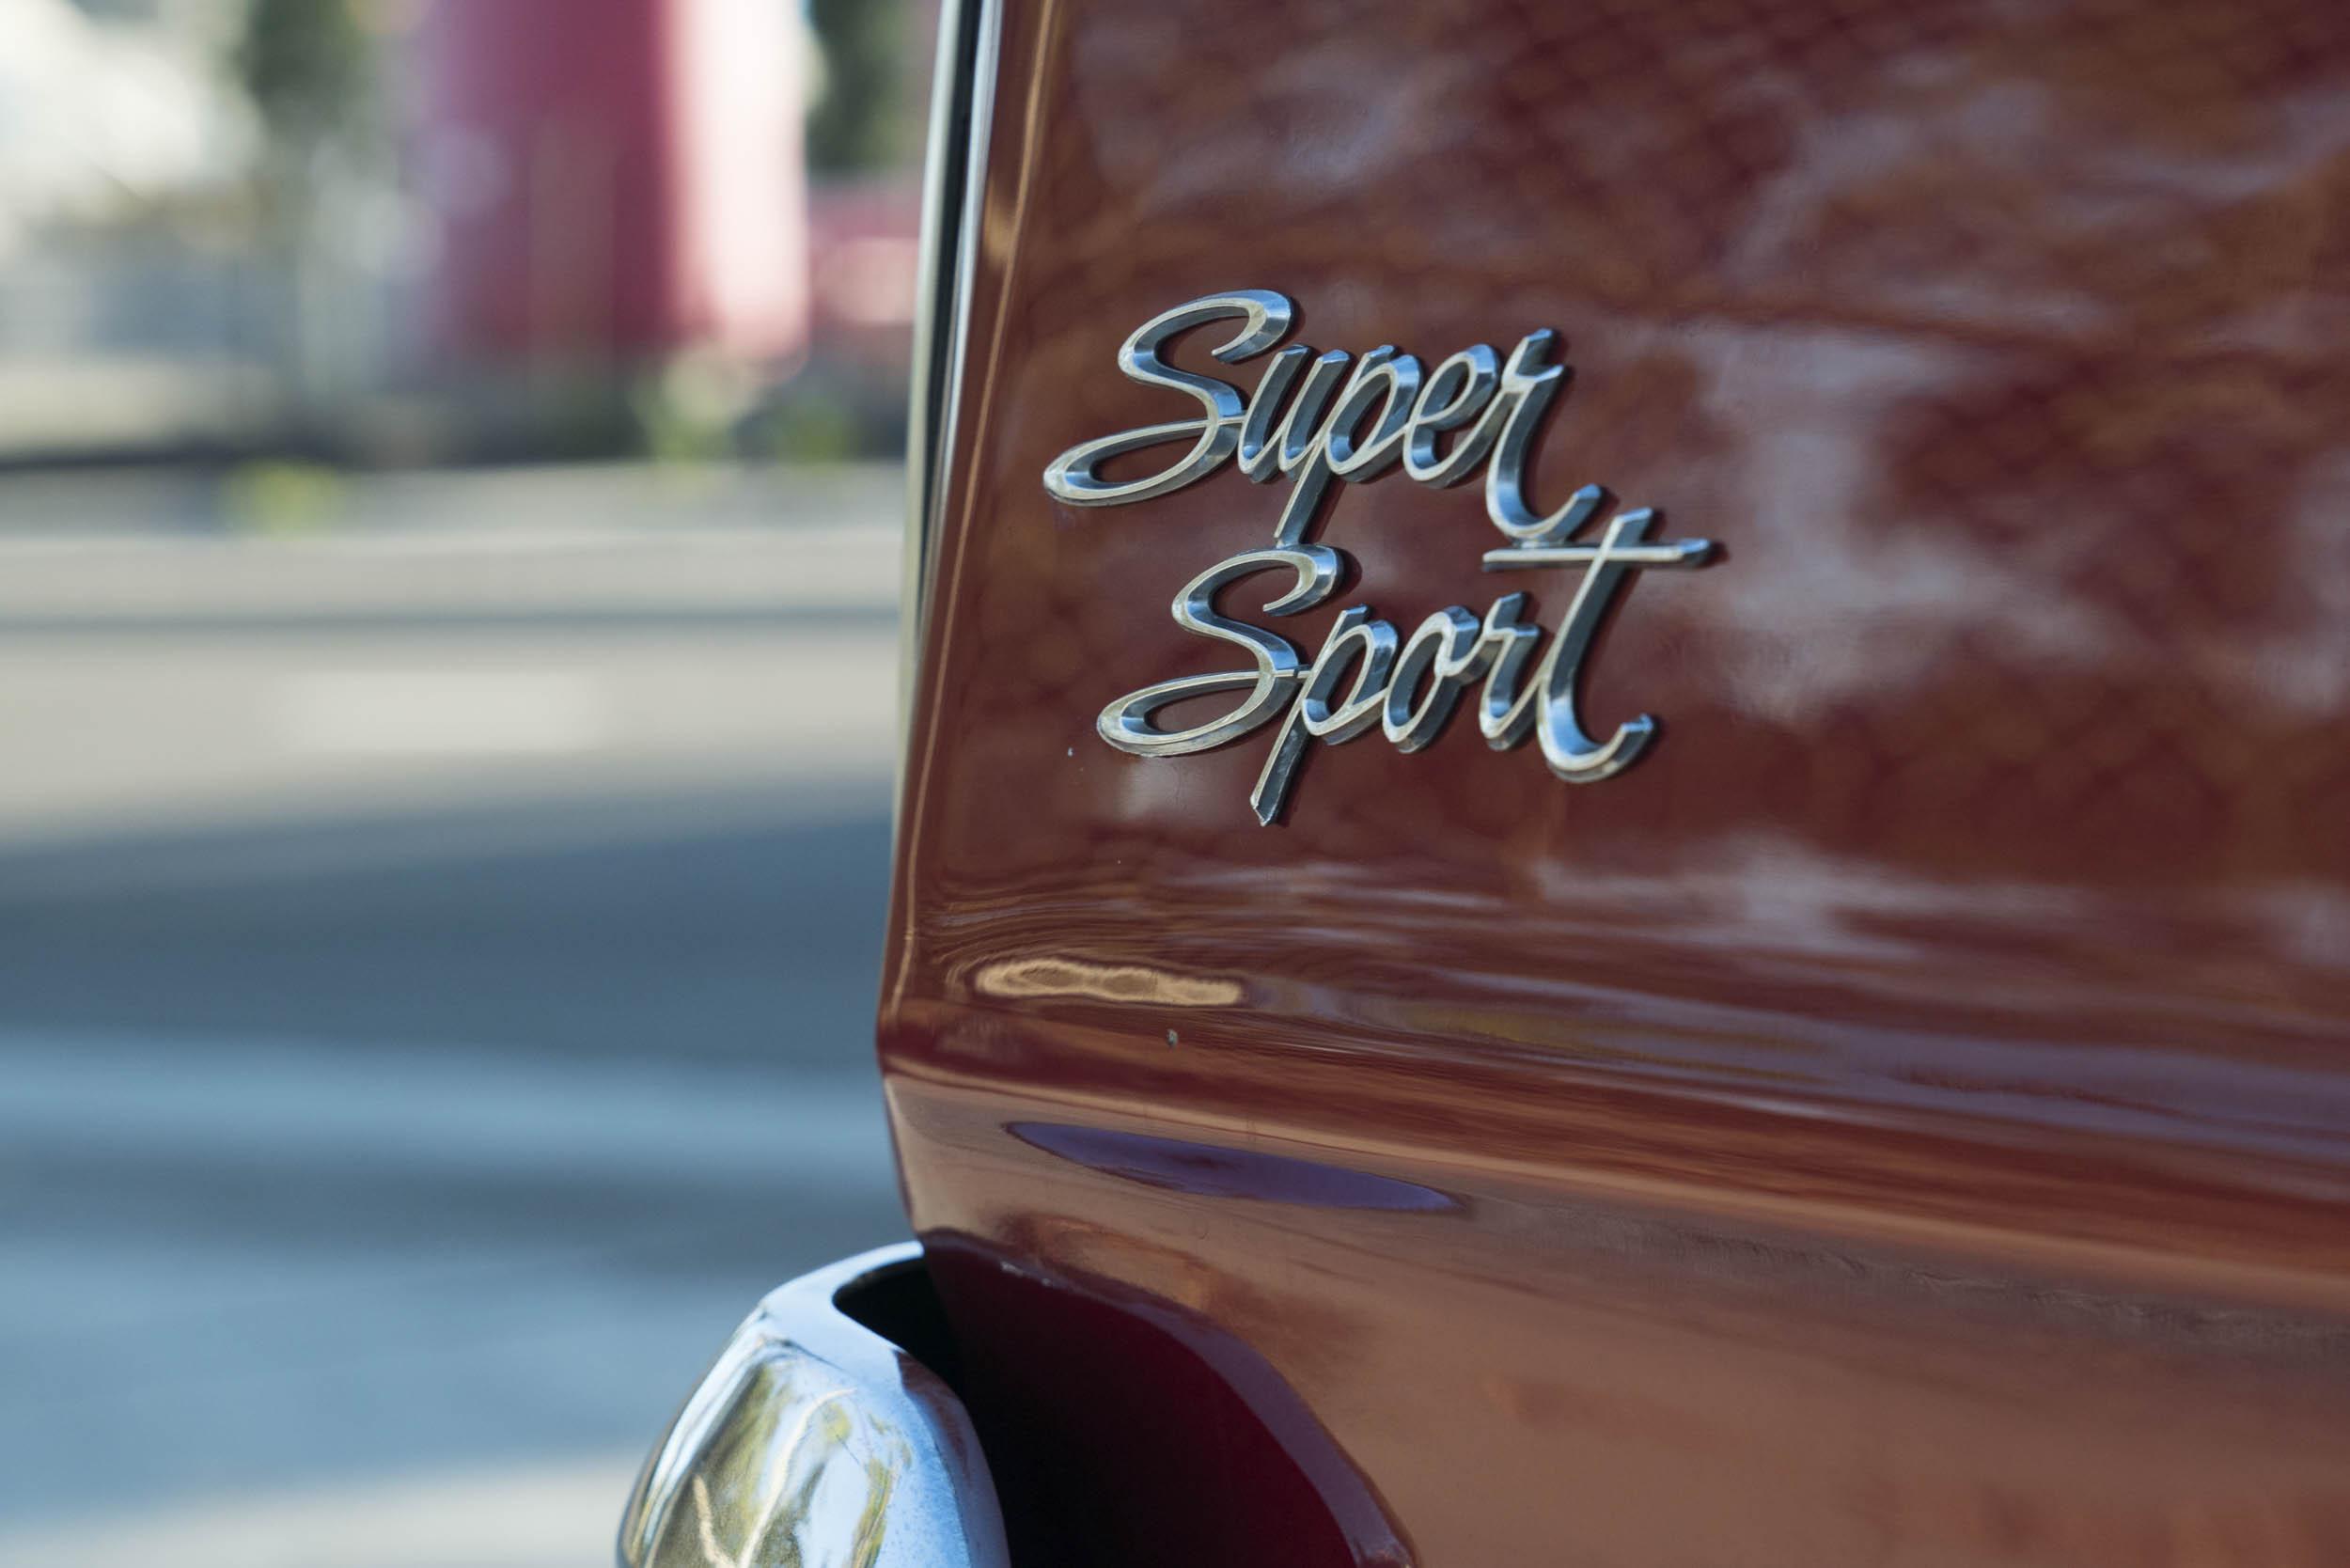 1967 Chevrolet Nova SS badge